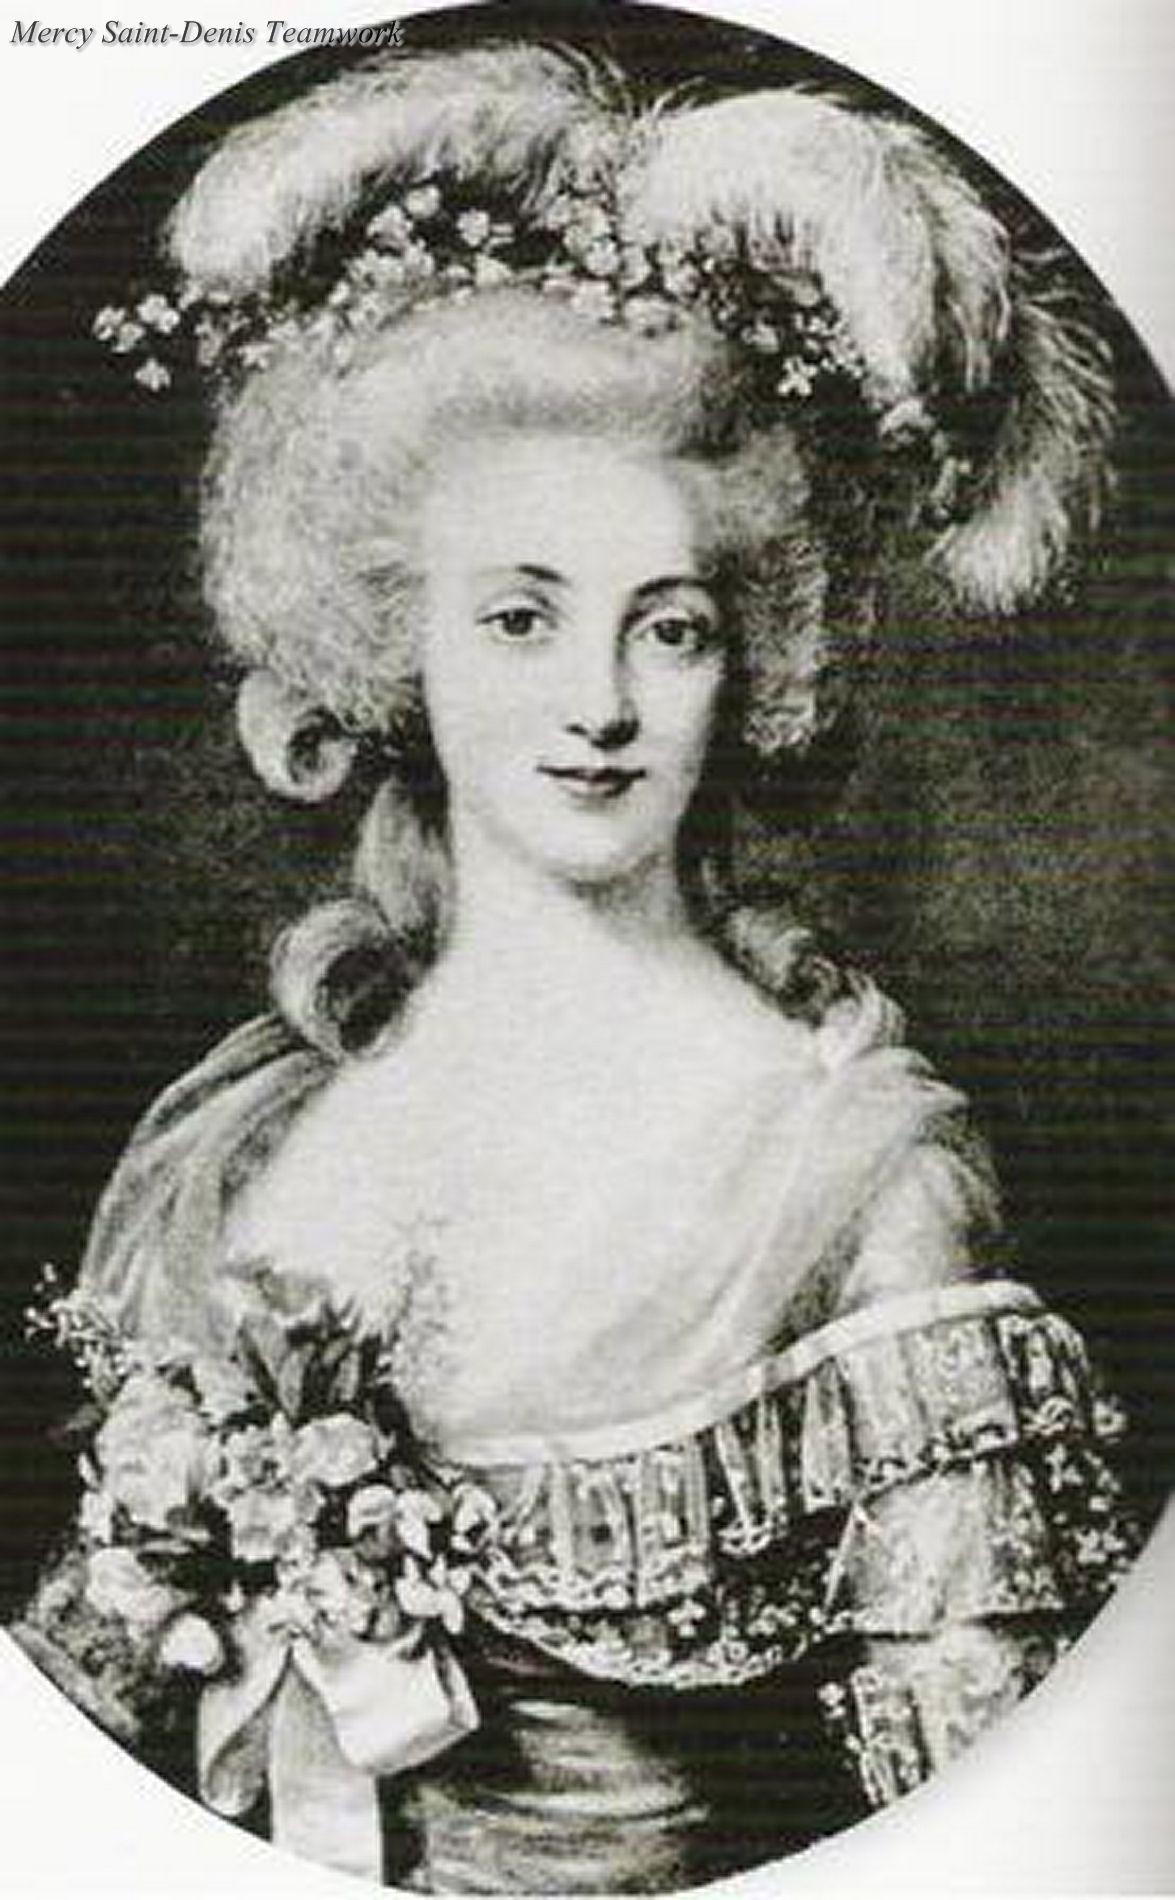 Yolande Martine Gabrielle de Polastron 42a9b954010d